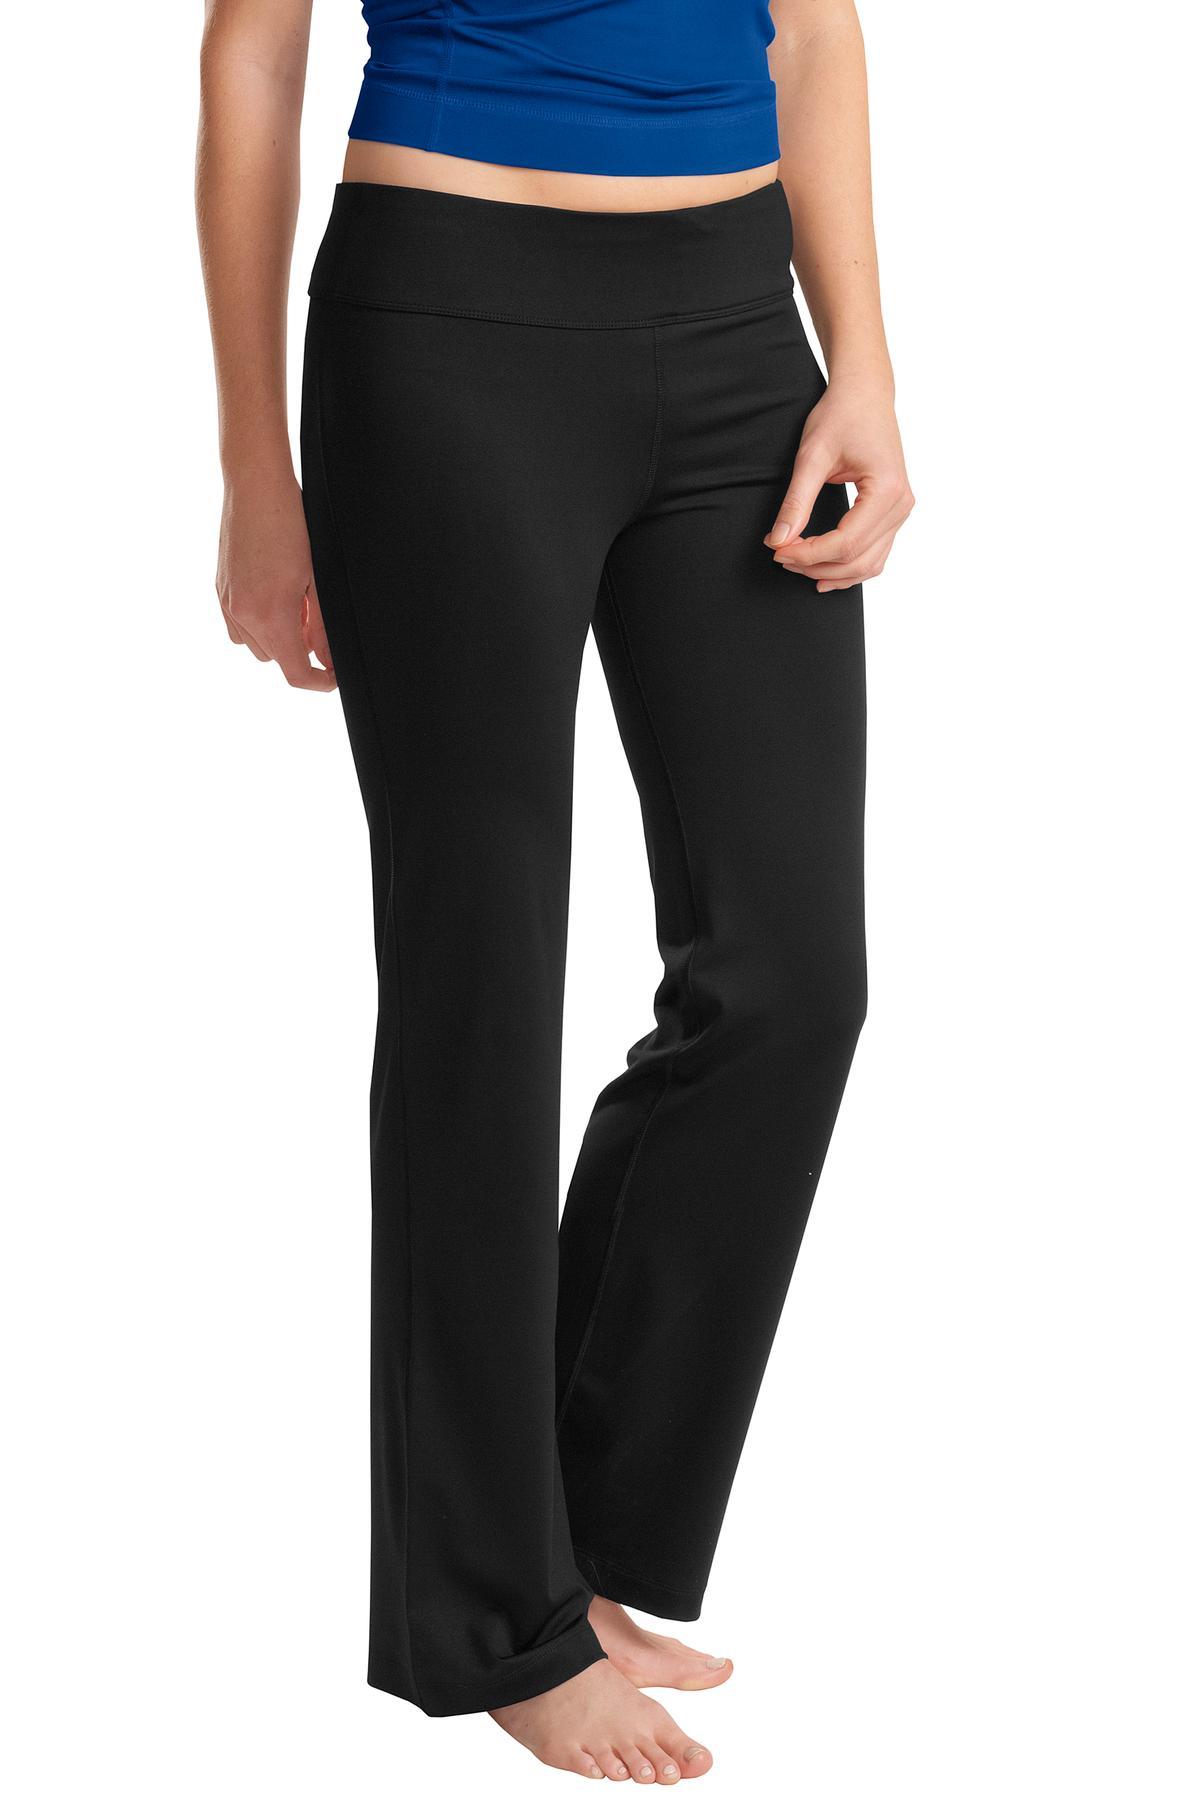 Sport-Tek® Ladies NRG Fitness Pant.-Sport-Tek